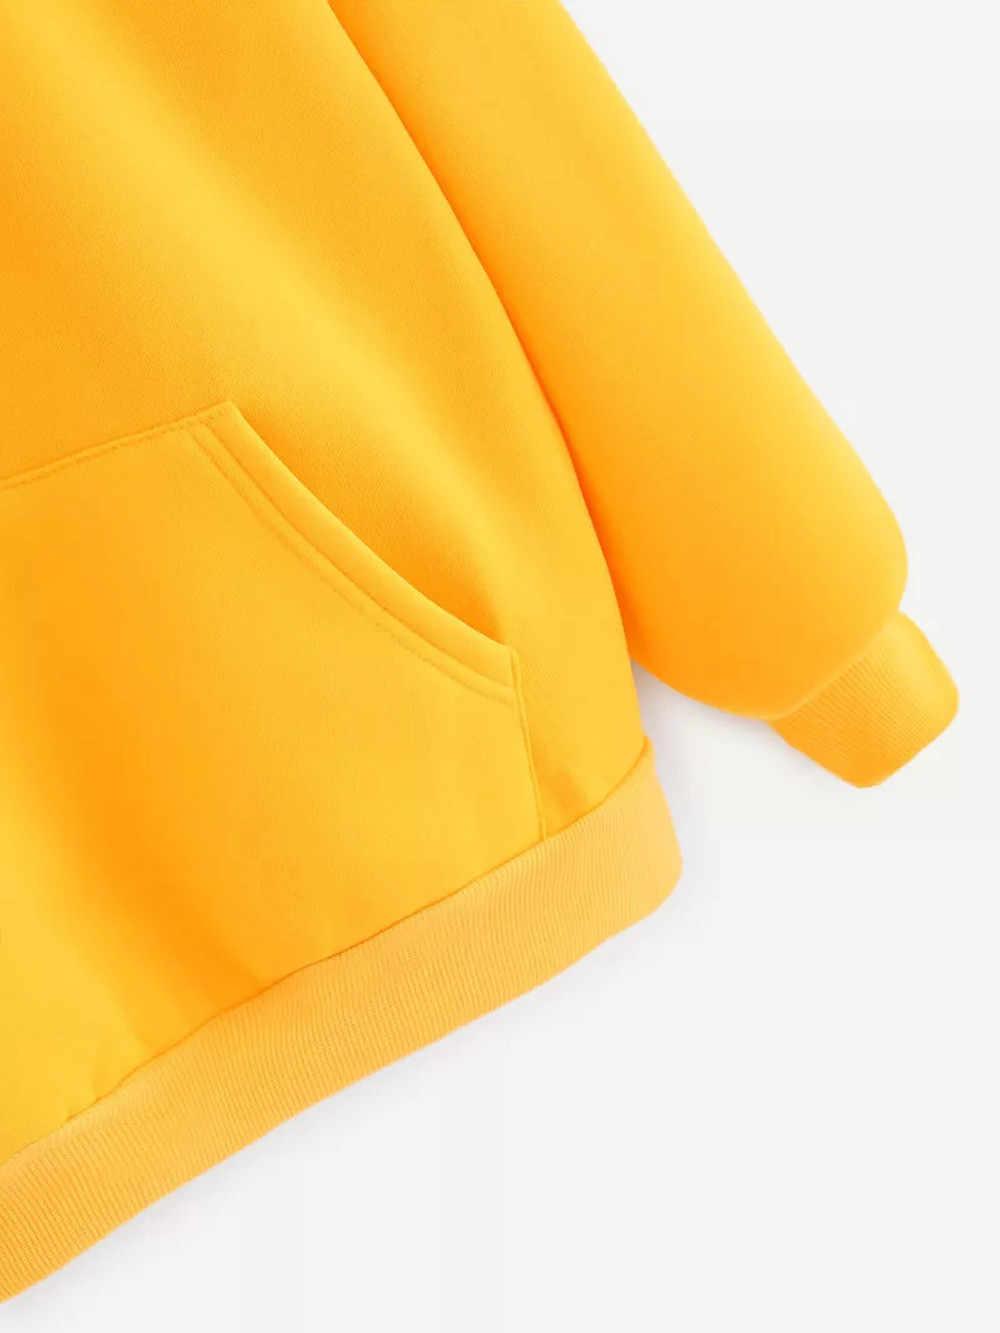 Vàng Khoác Áo Nỉ Nữ Kawaii Kpop Phong Cách Áo Khoác Hoodie Nỉ Có Mũ Áo Thun Chui Đầu Có Túi Dạo Phố Hip-Hop Khoác Hoodie # VK